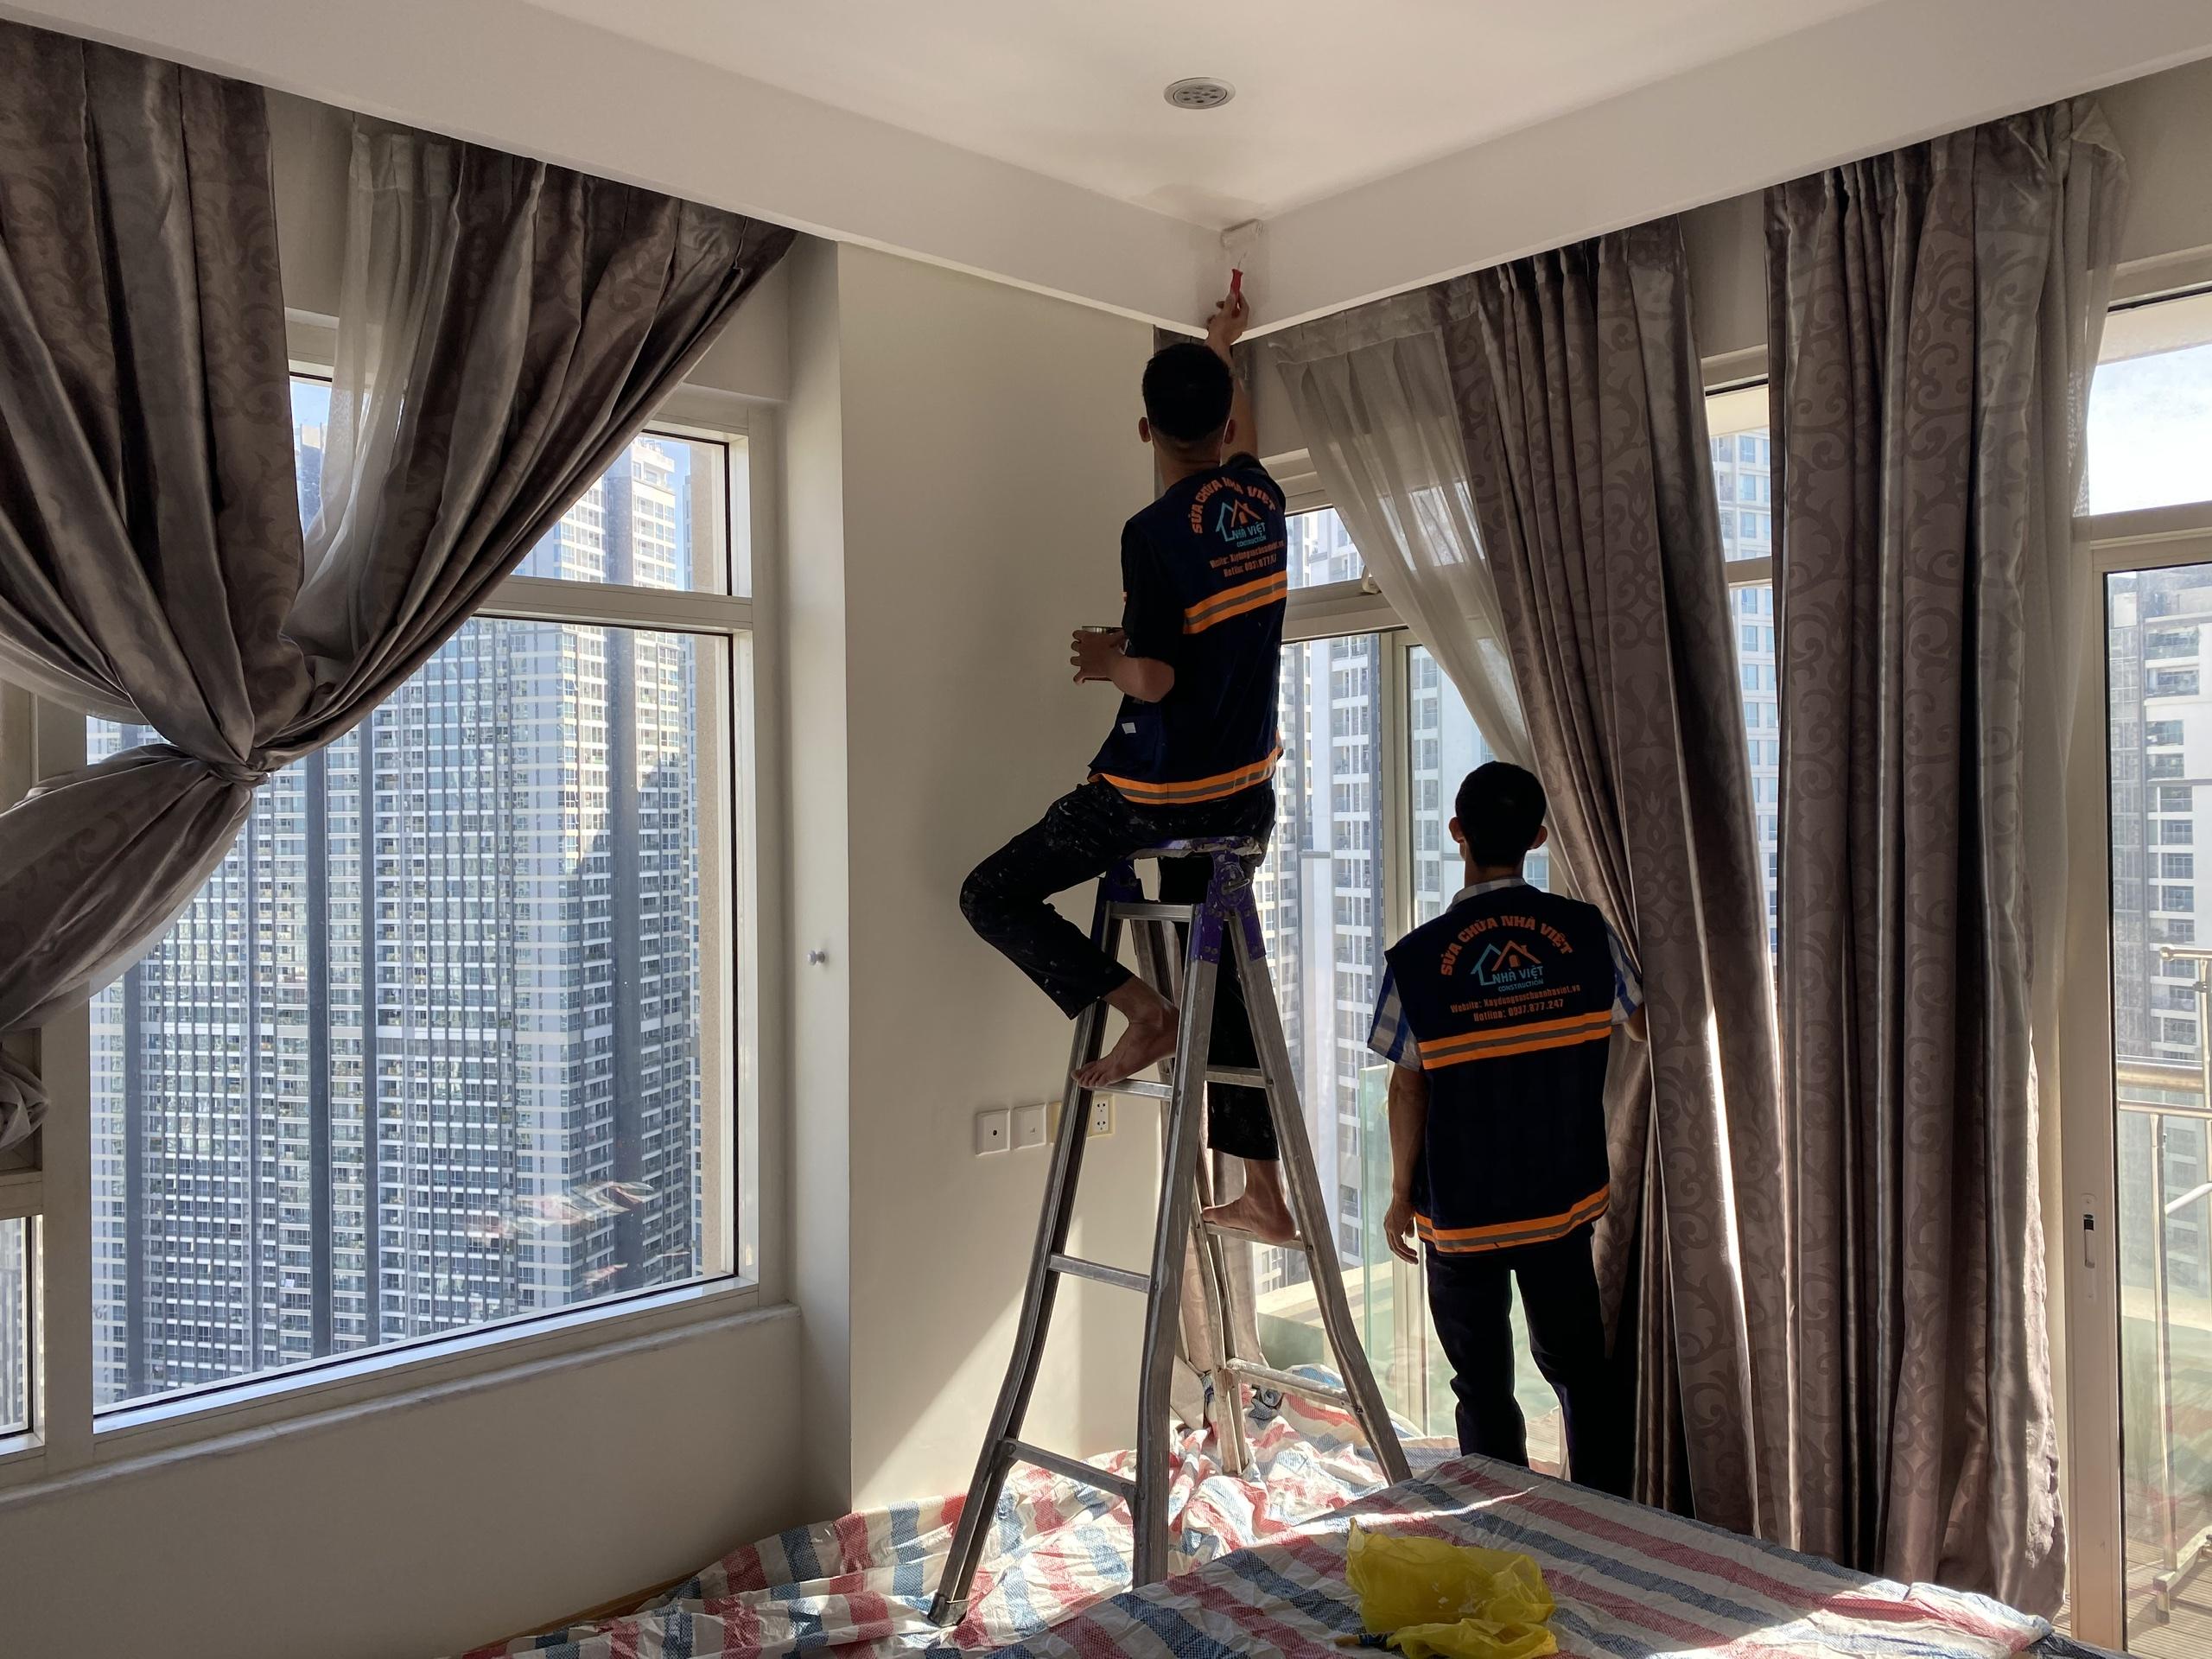 sua chua can ho chung cu tphcm 2 - Sửa chữa căn hộ chung cư TP Hồ Chí Minh trọn gói từ A-Z UY TÍN